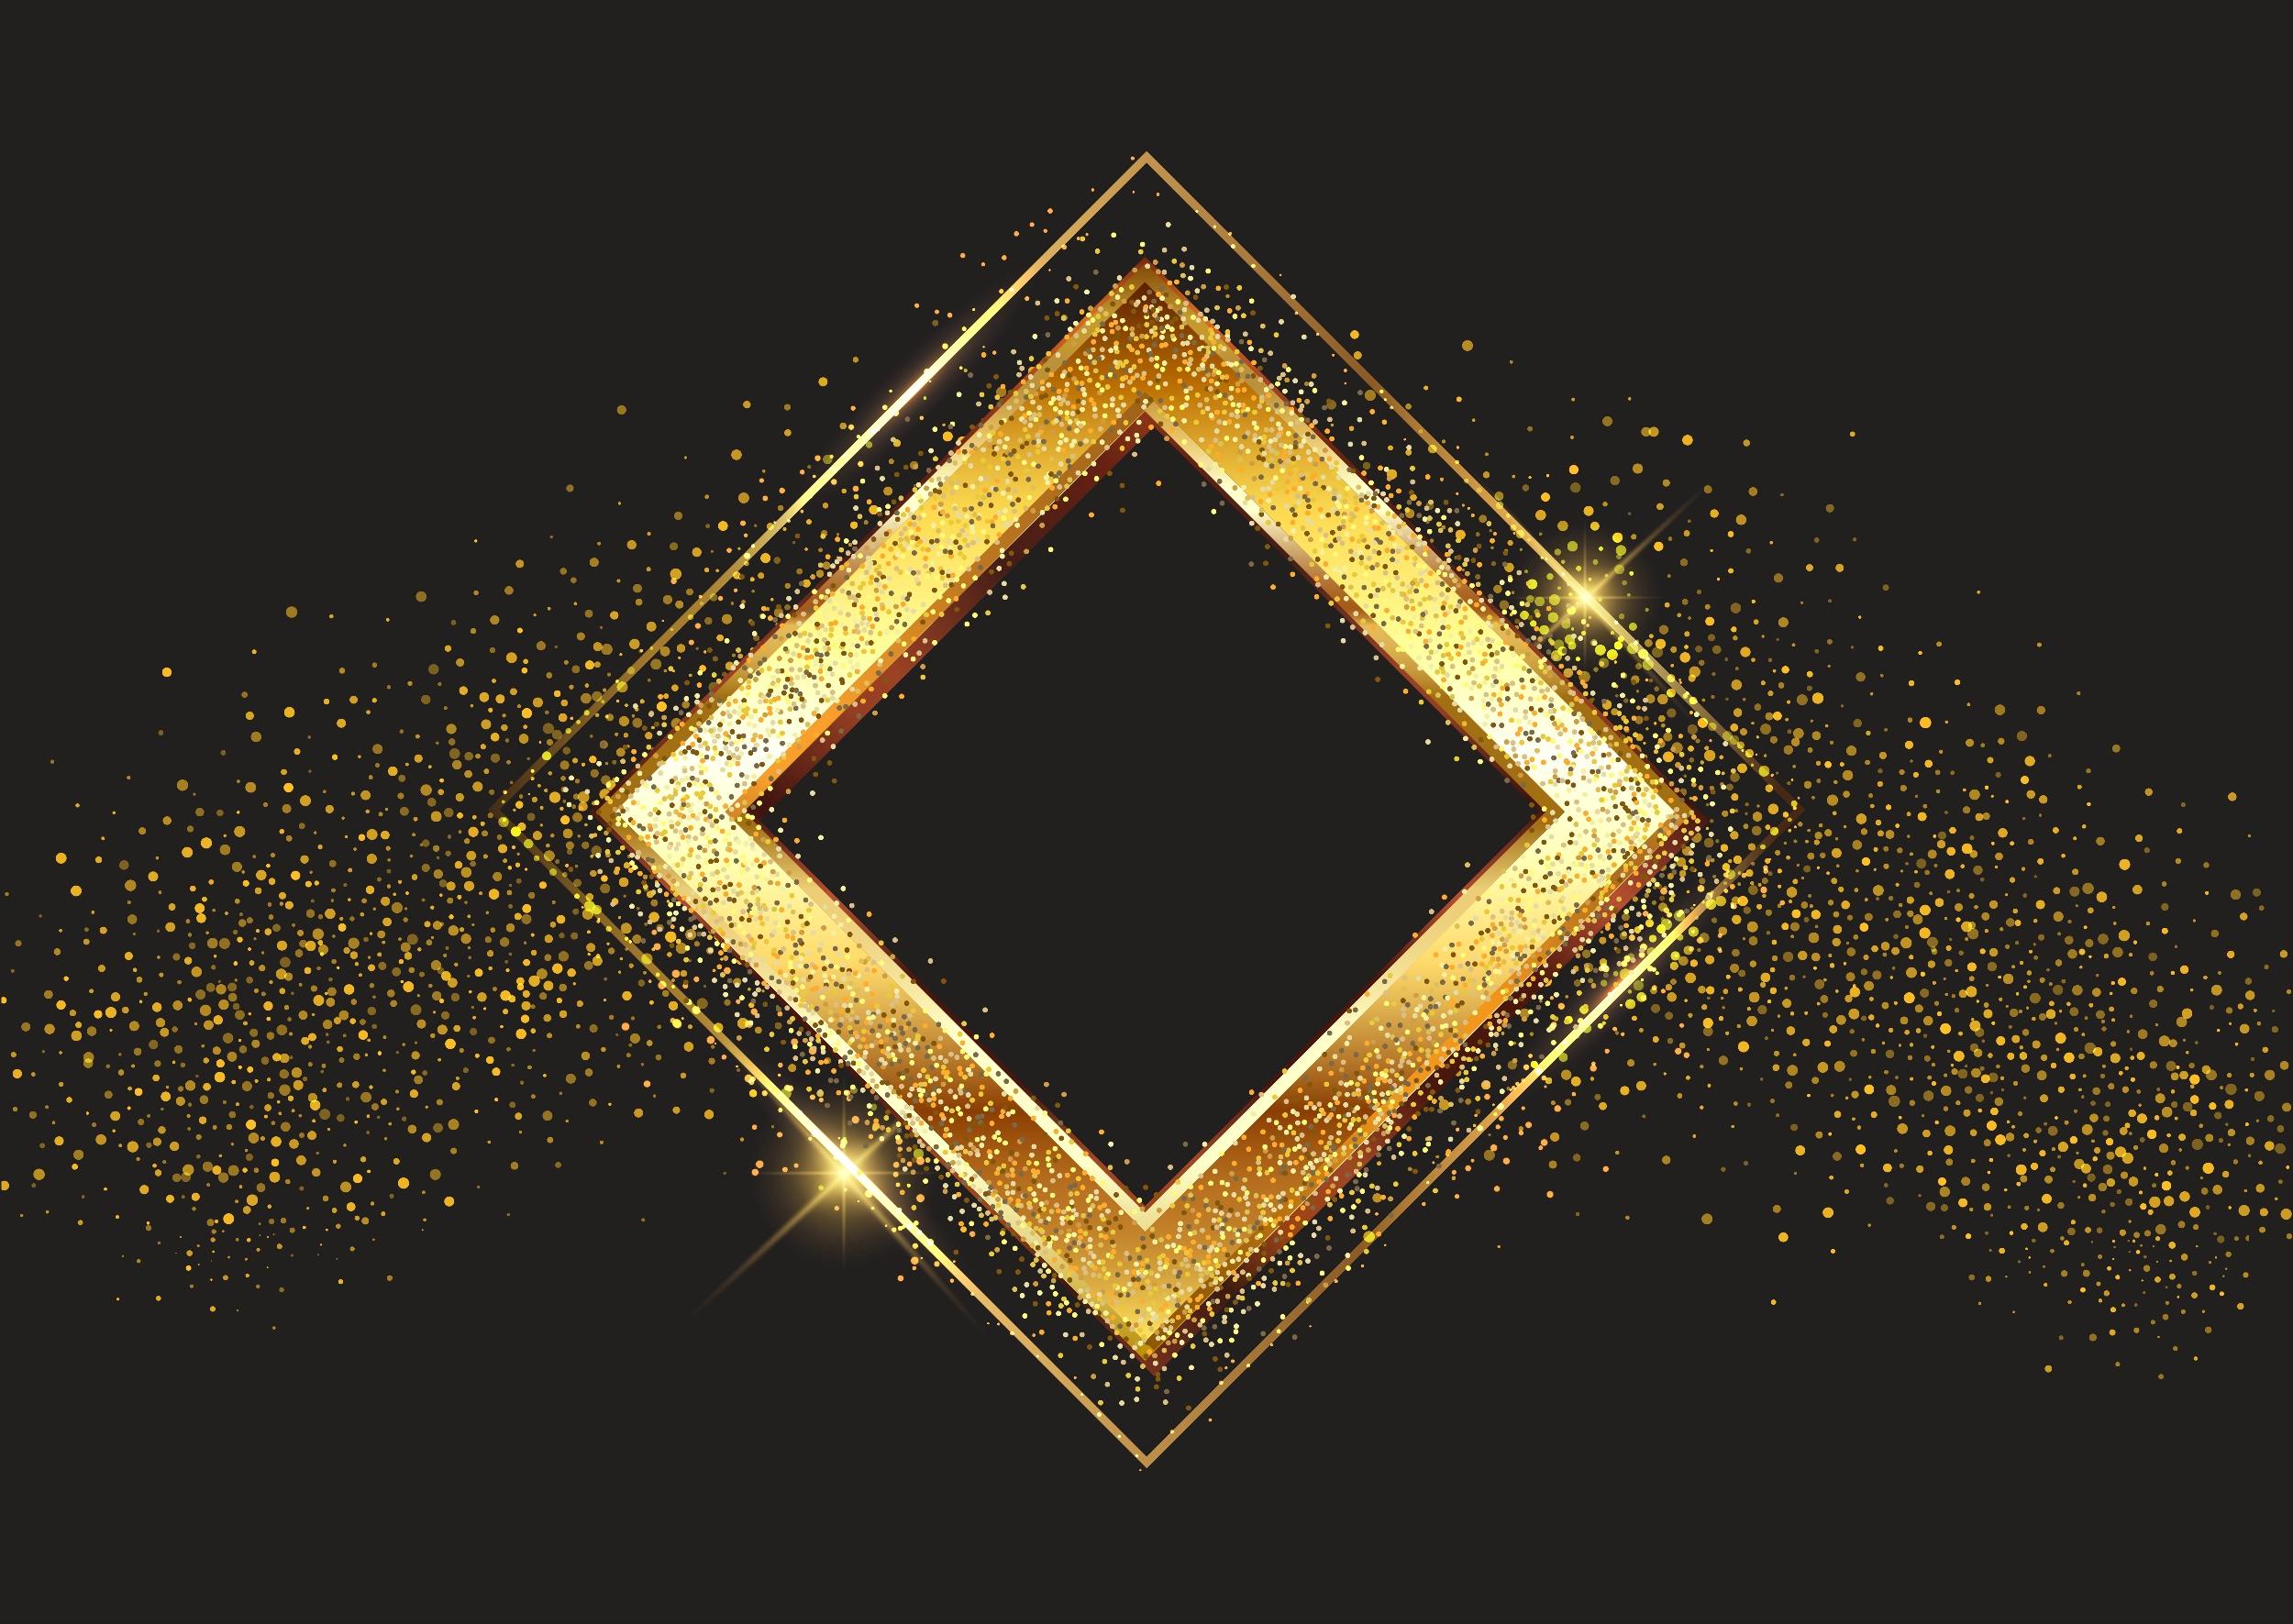 خلفيات فضية وذهبية